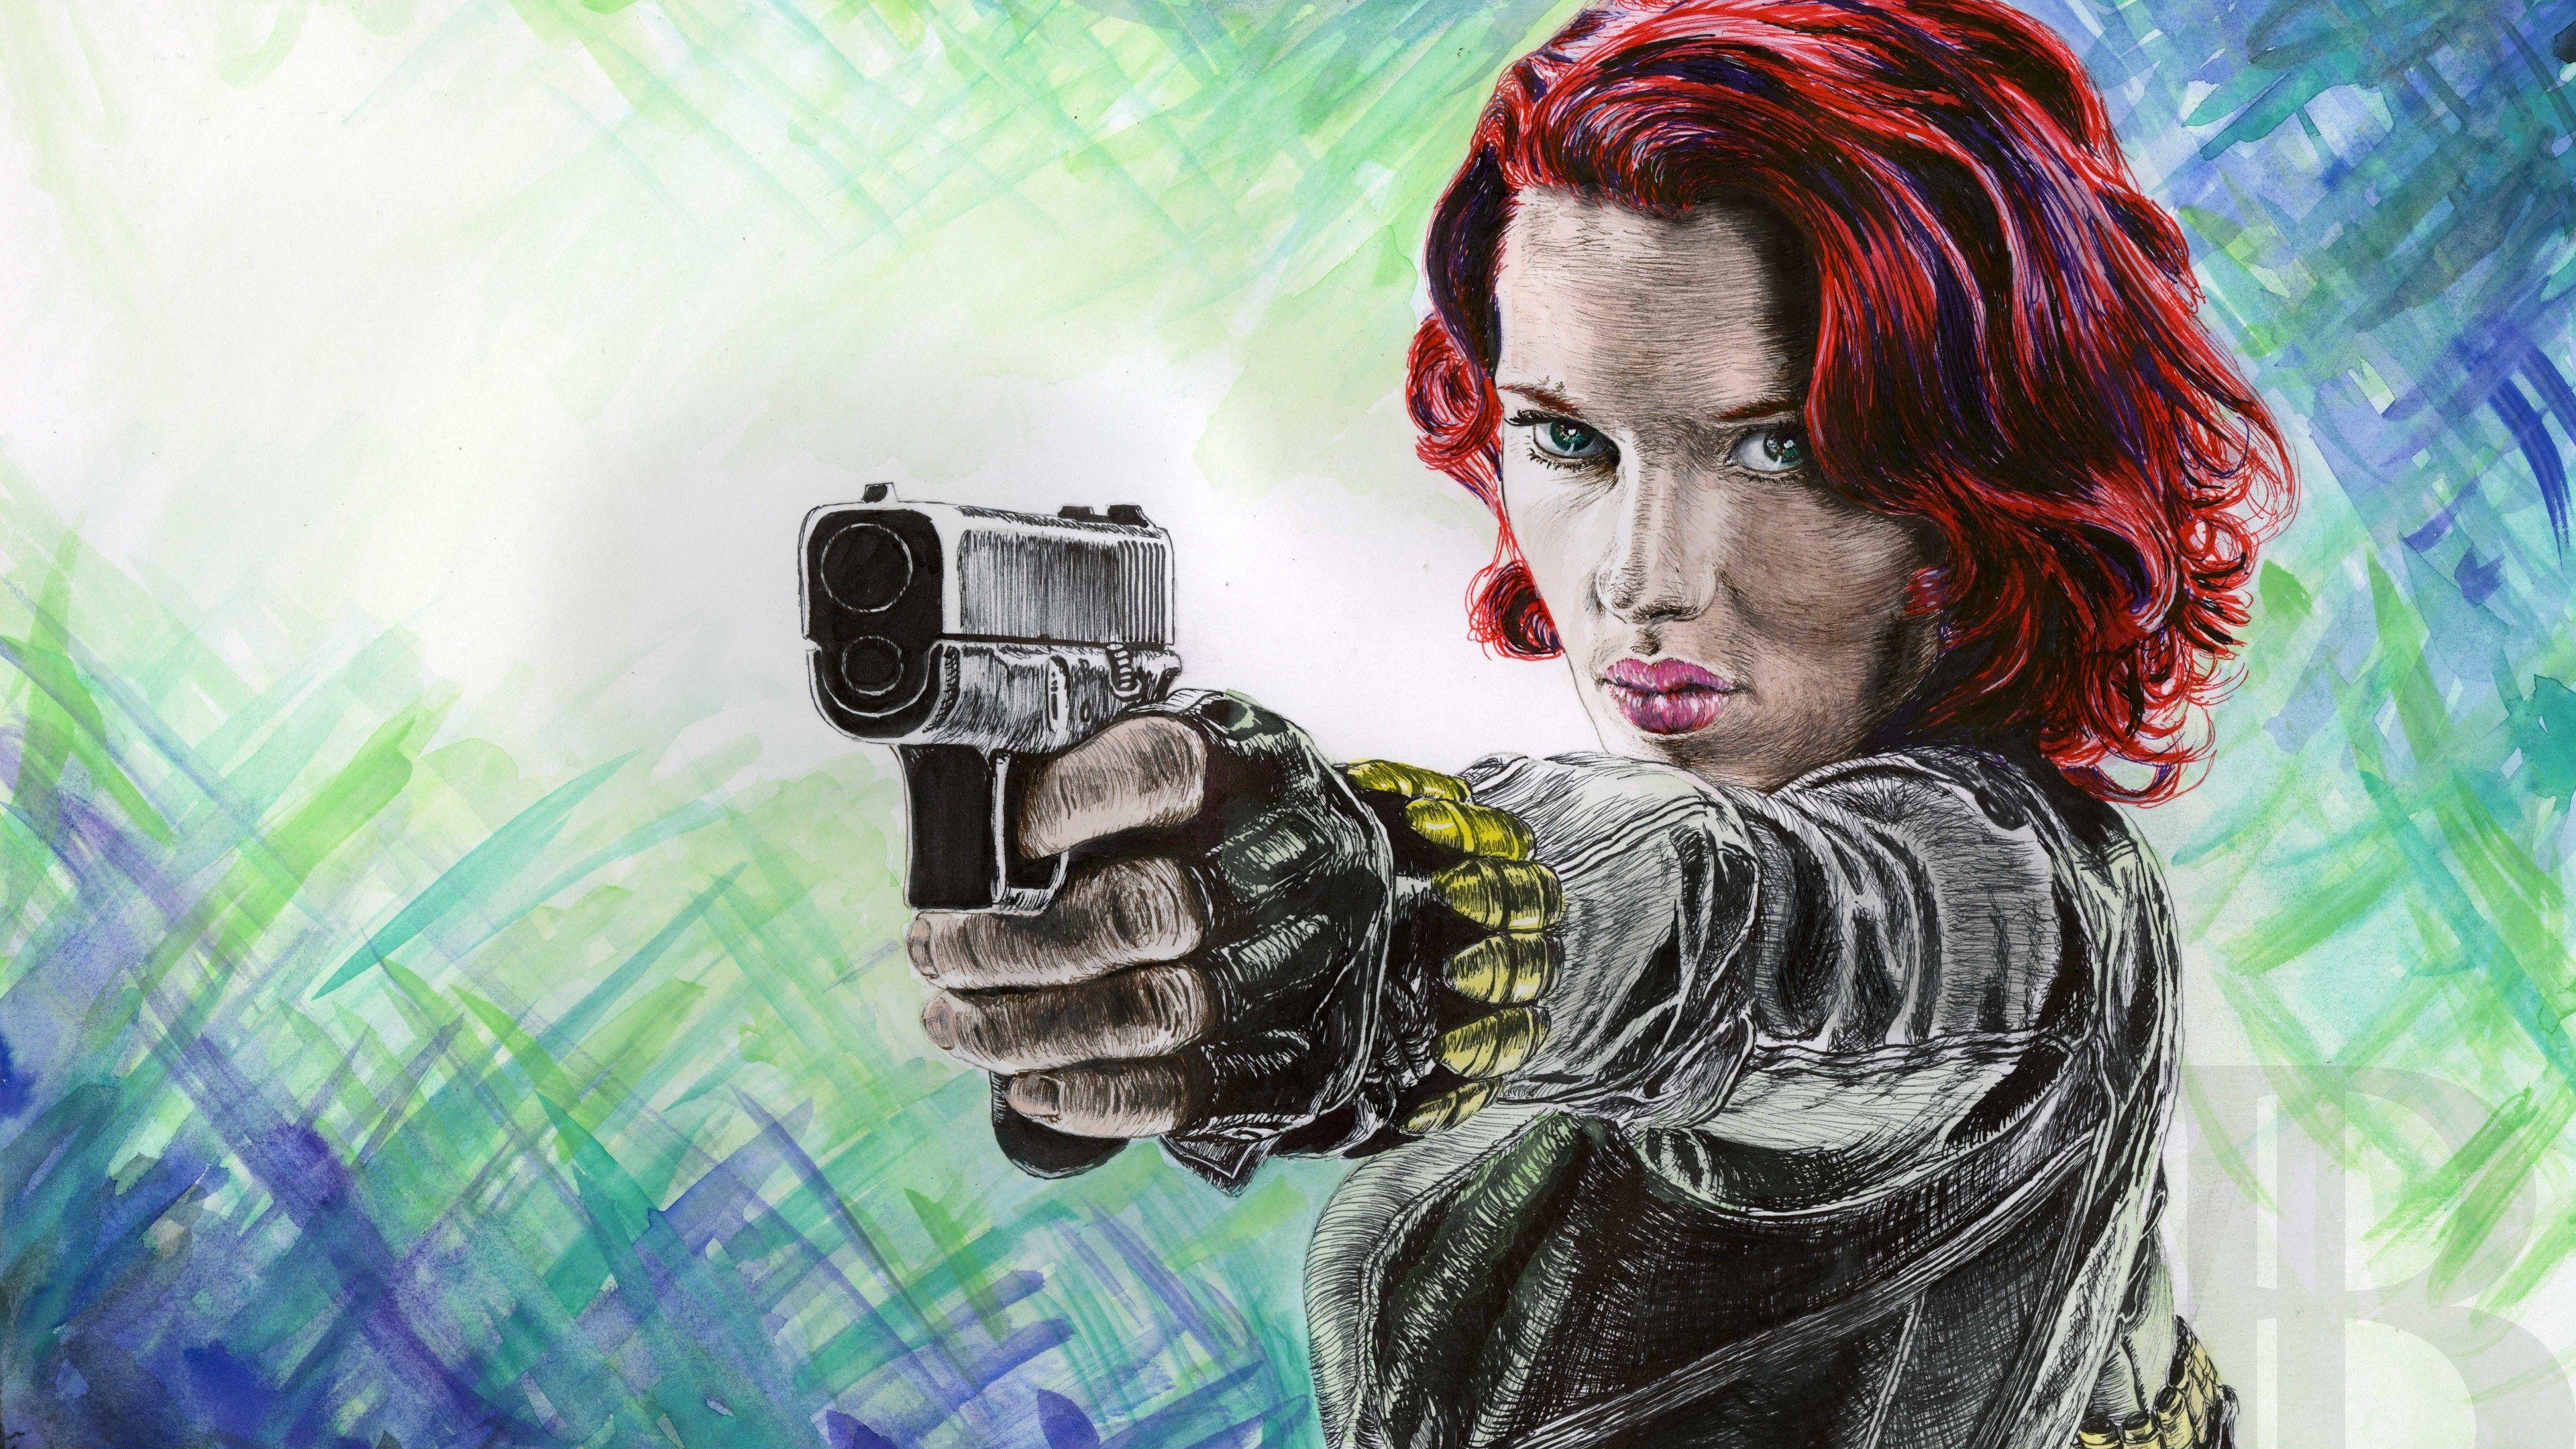 Black Widow 4k Artwork Superheroes Wallpapers Hd Wallpapers